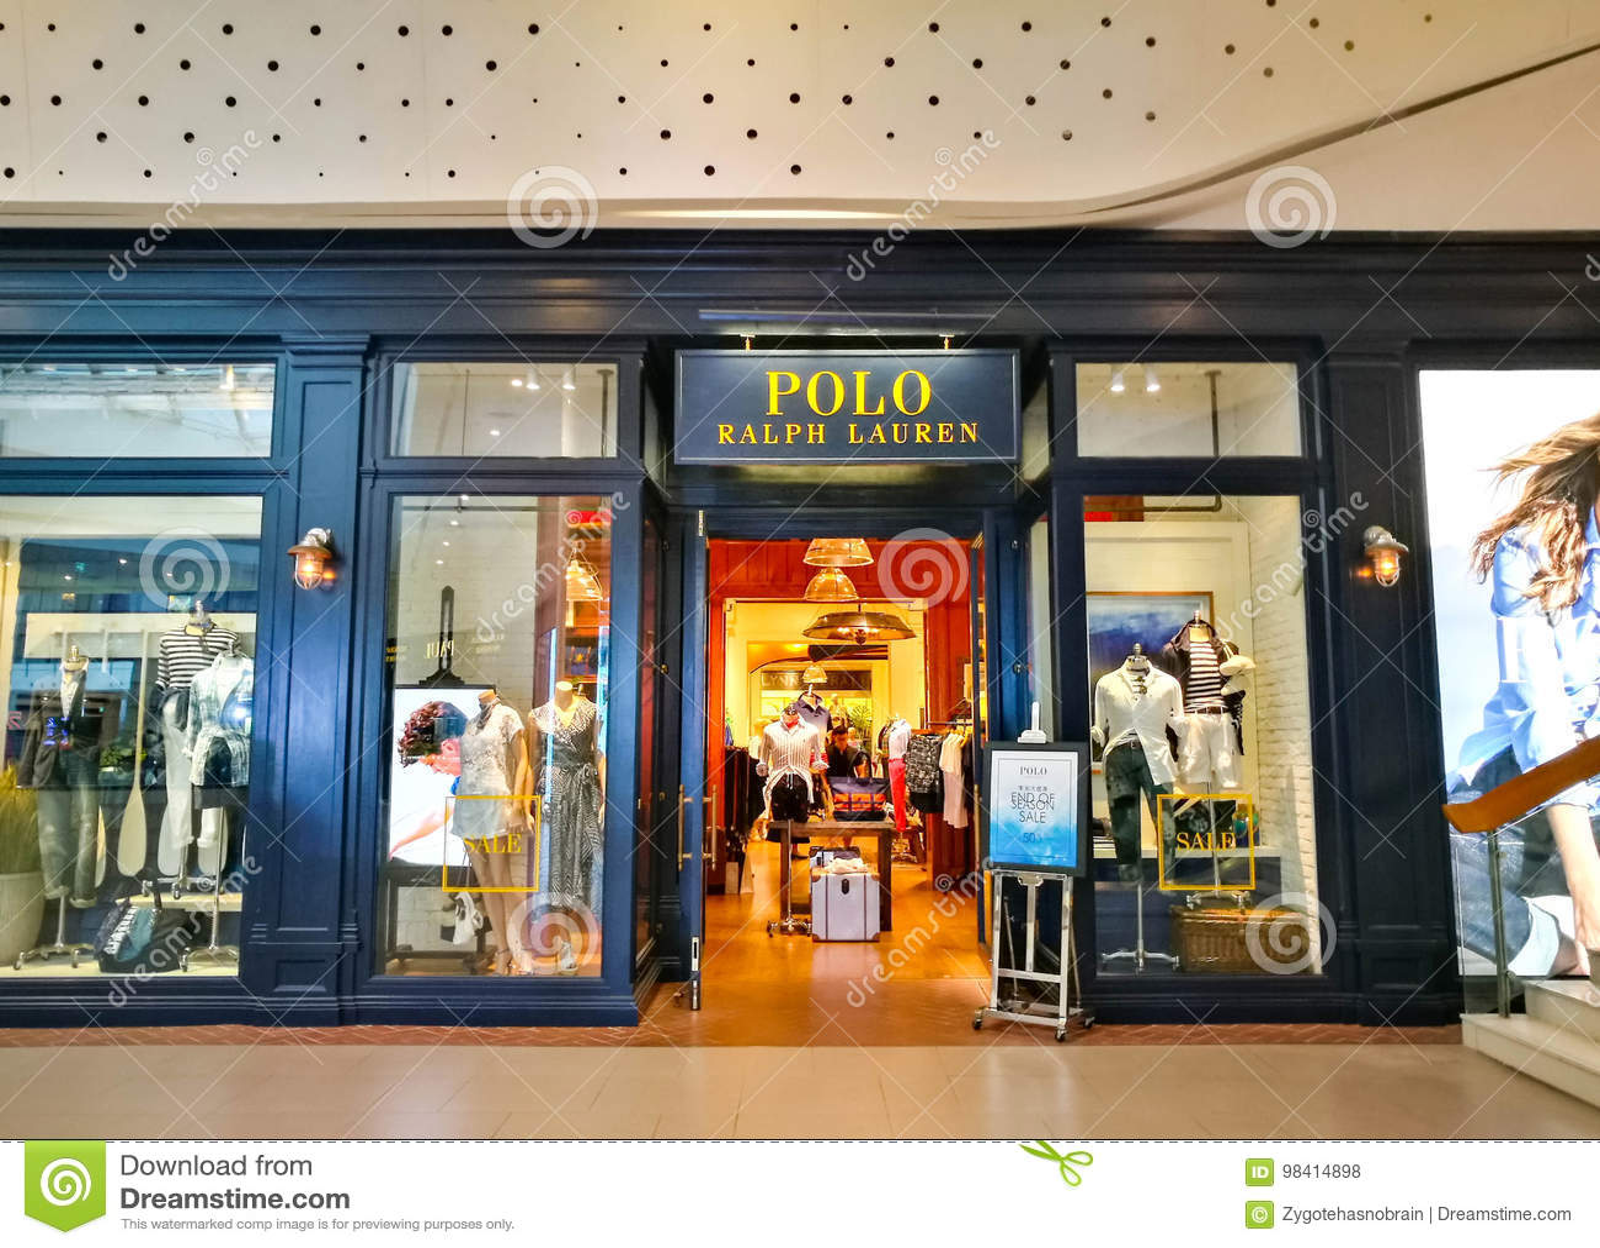 prezzo scontato vendita professionale qualità perfetta Entrance To A Polo Ralph Lauren Shop Editorial Stock Photo - Image ...